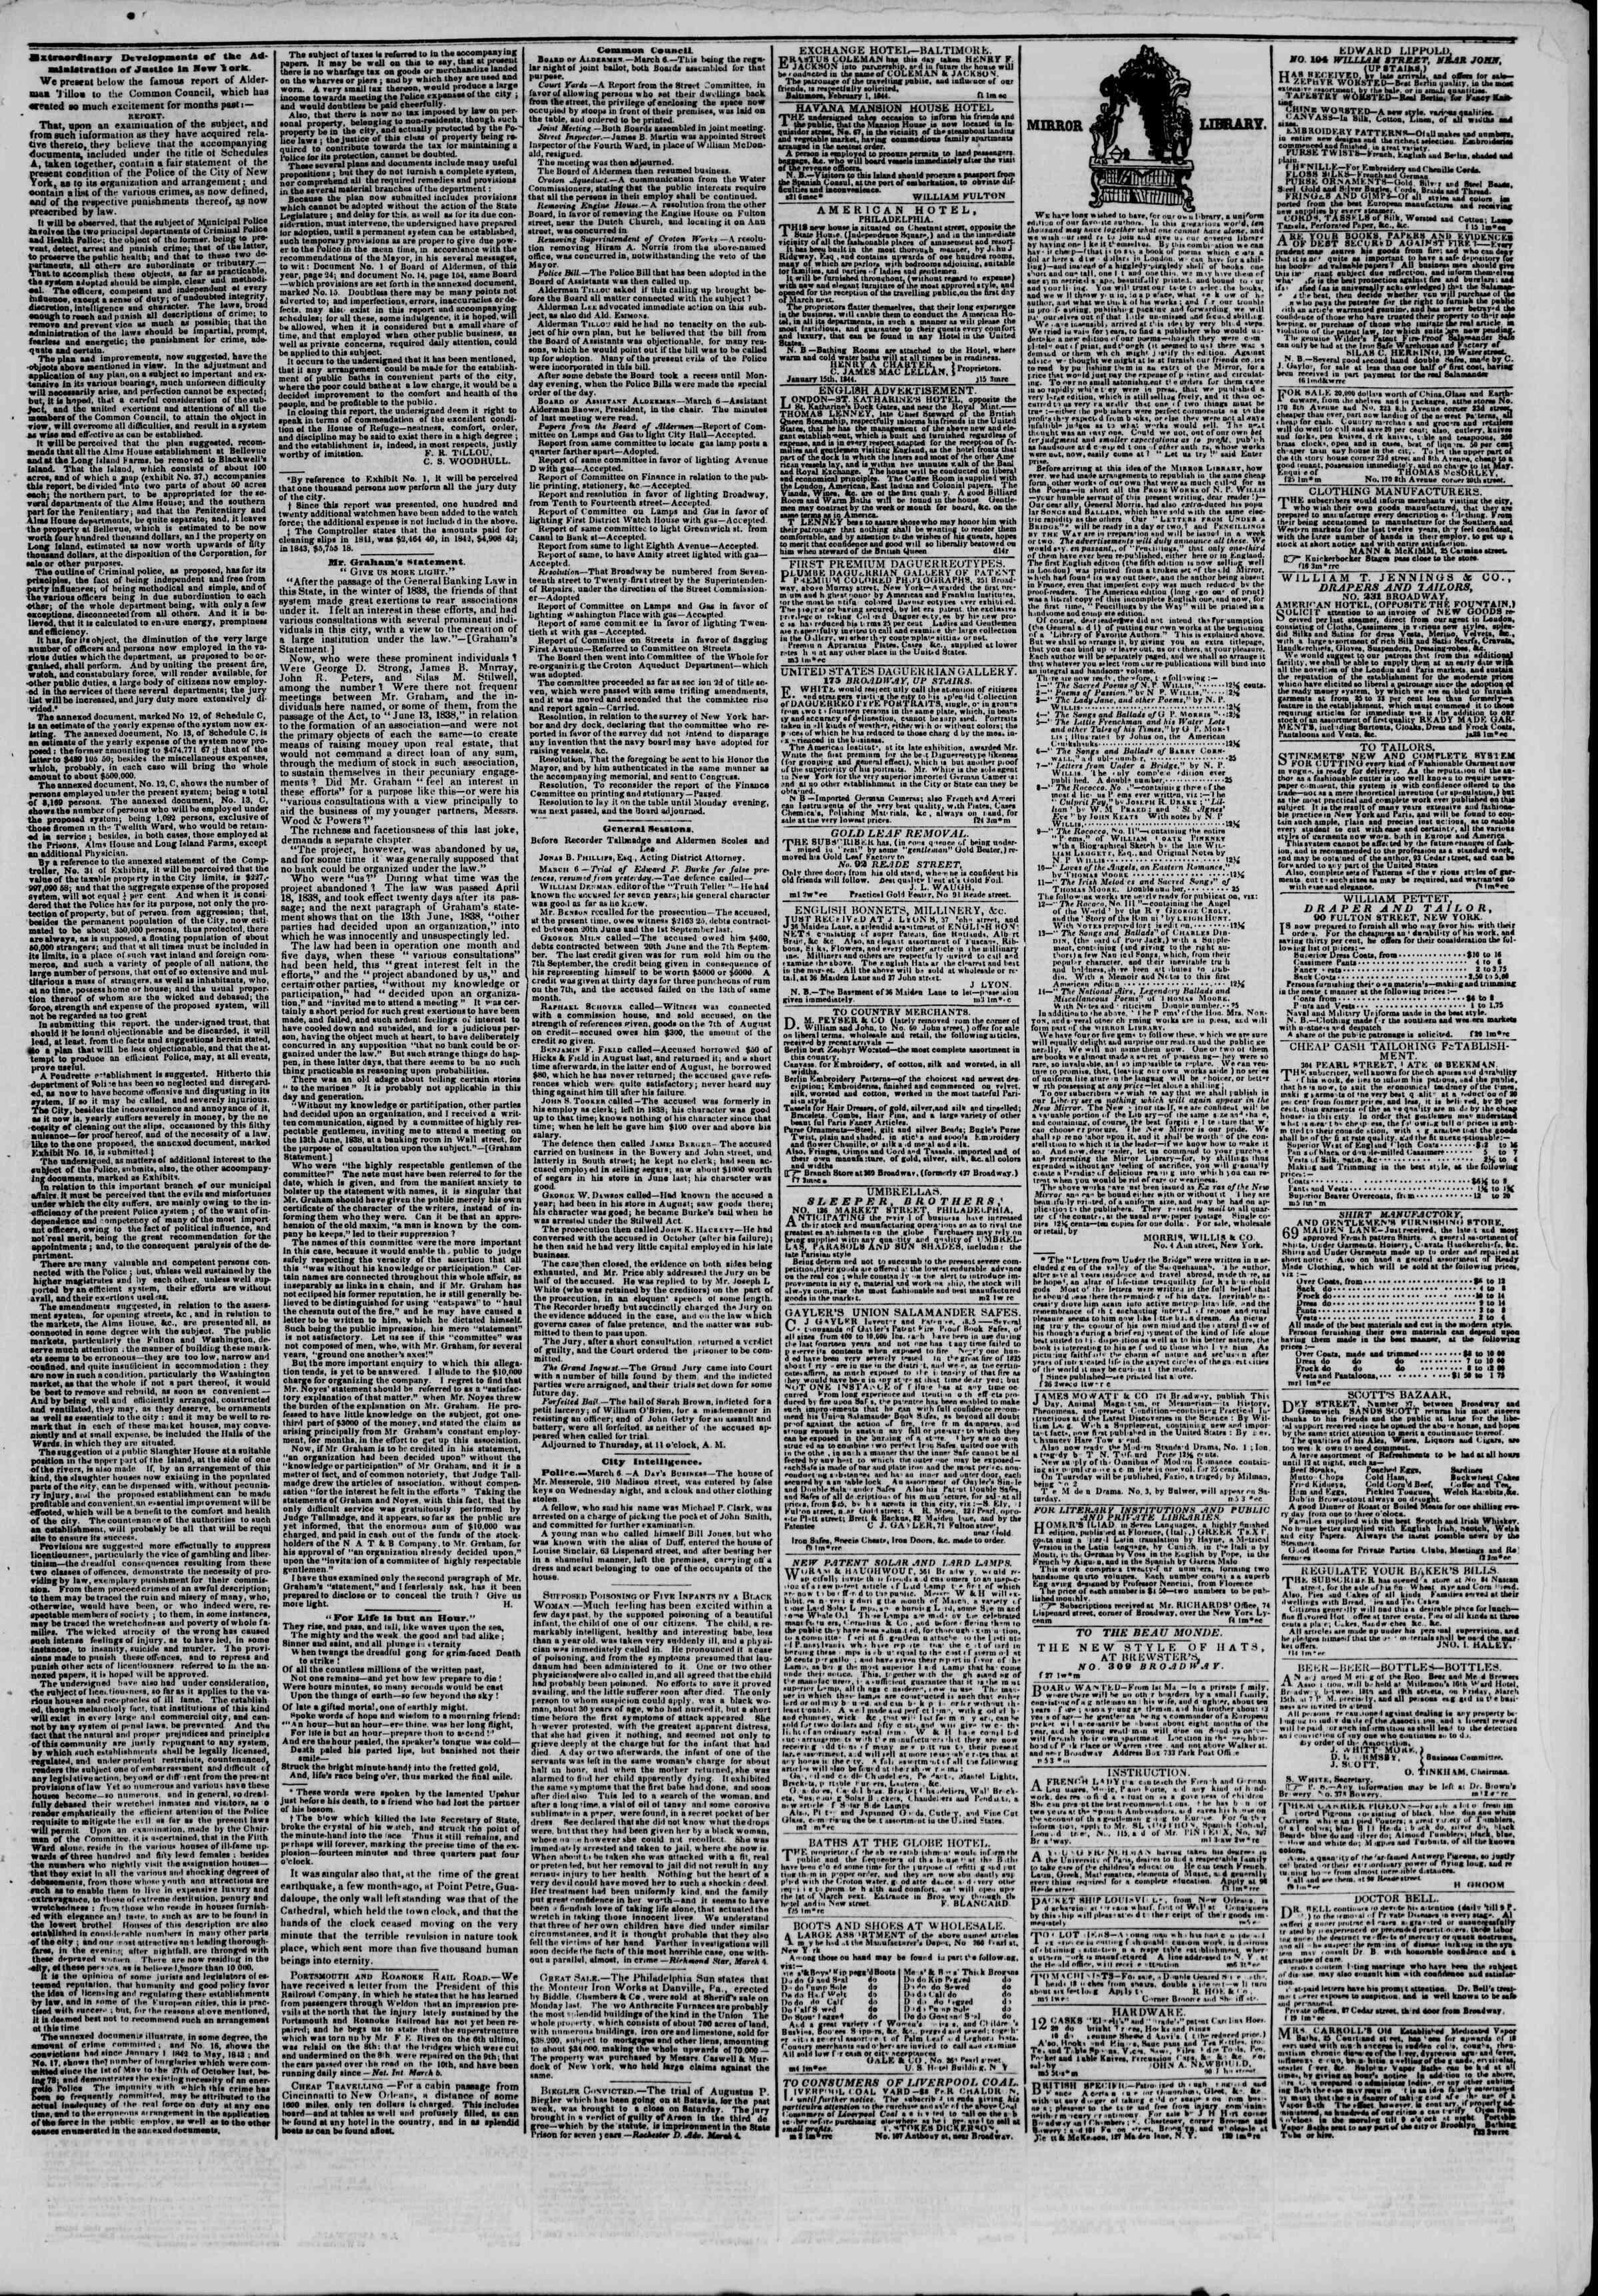 March 7, 1844 Tarihli The New York Herald Gazetesi Sayfa 7